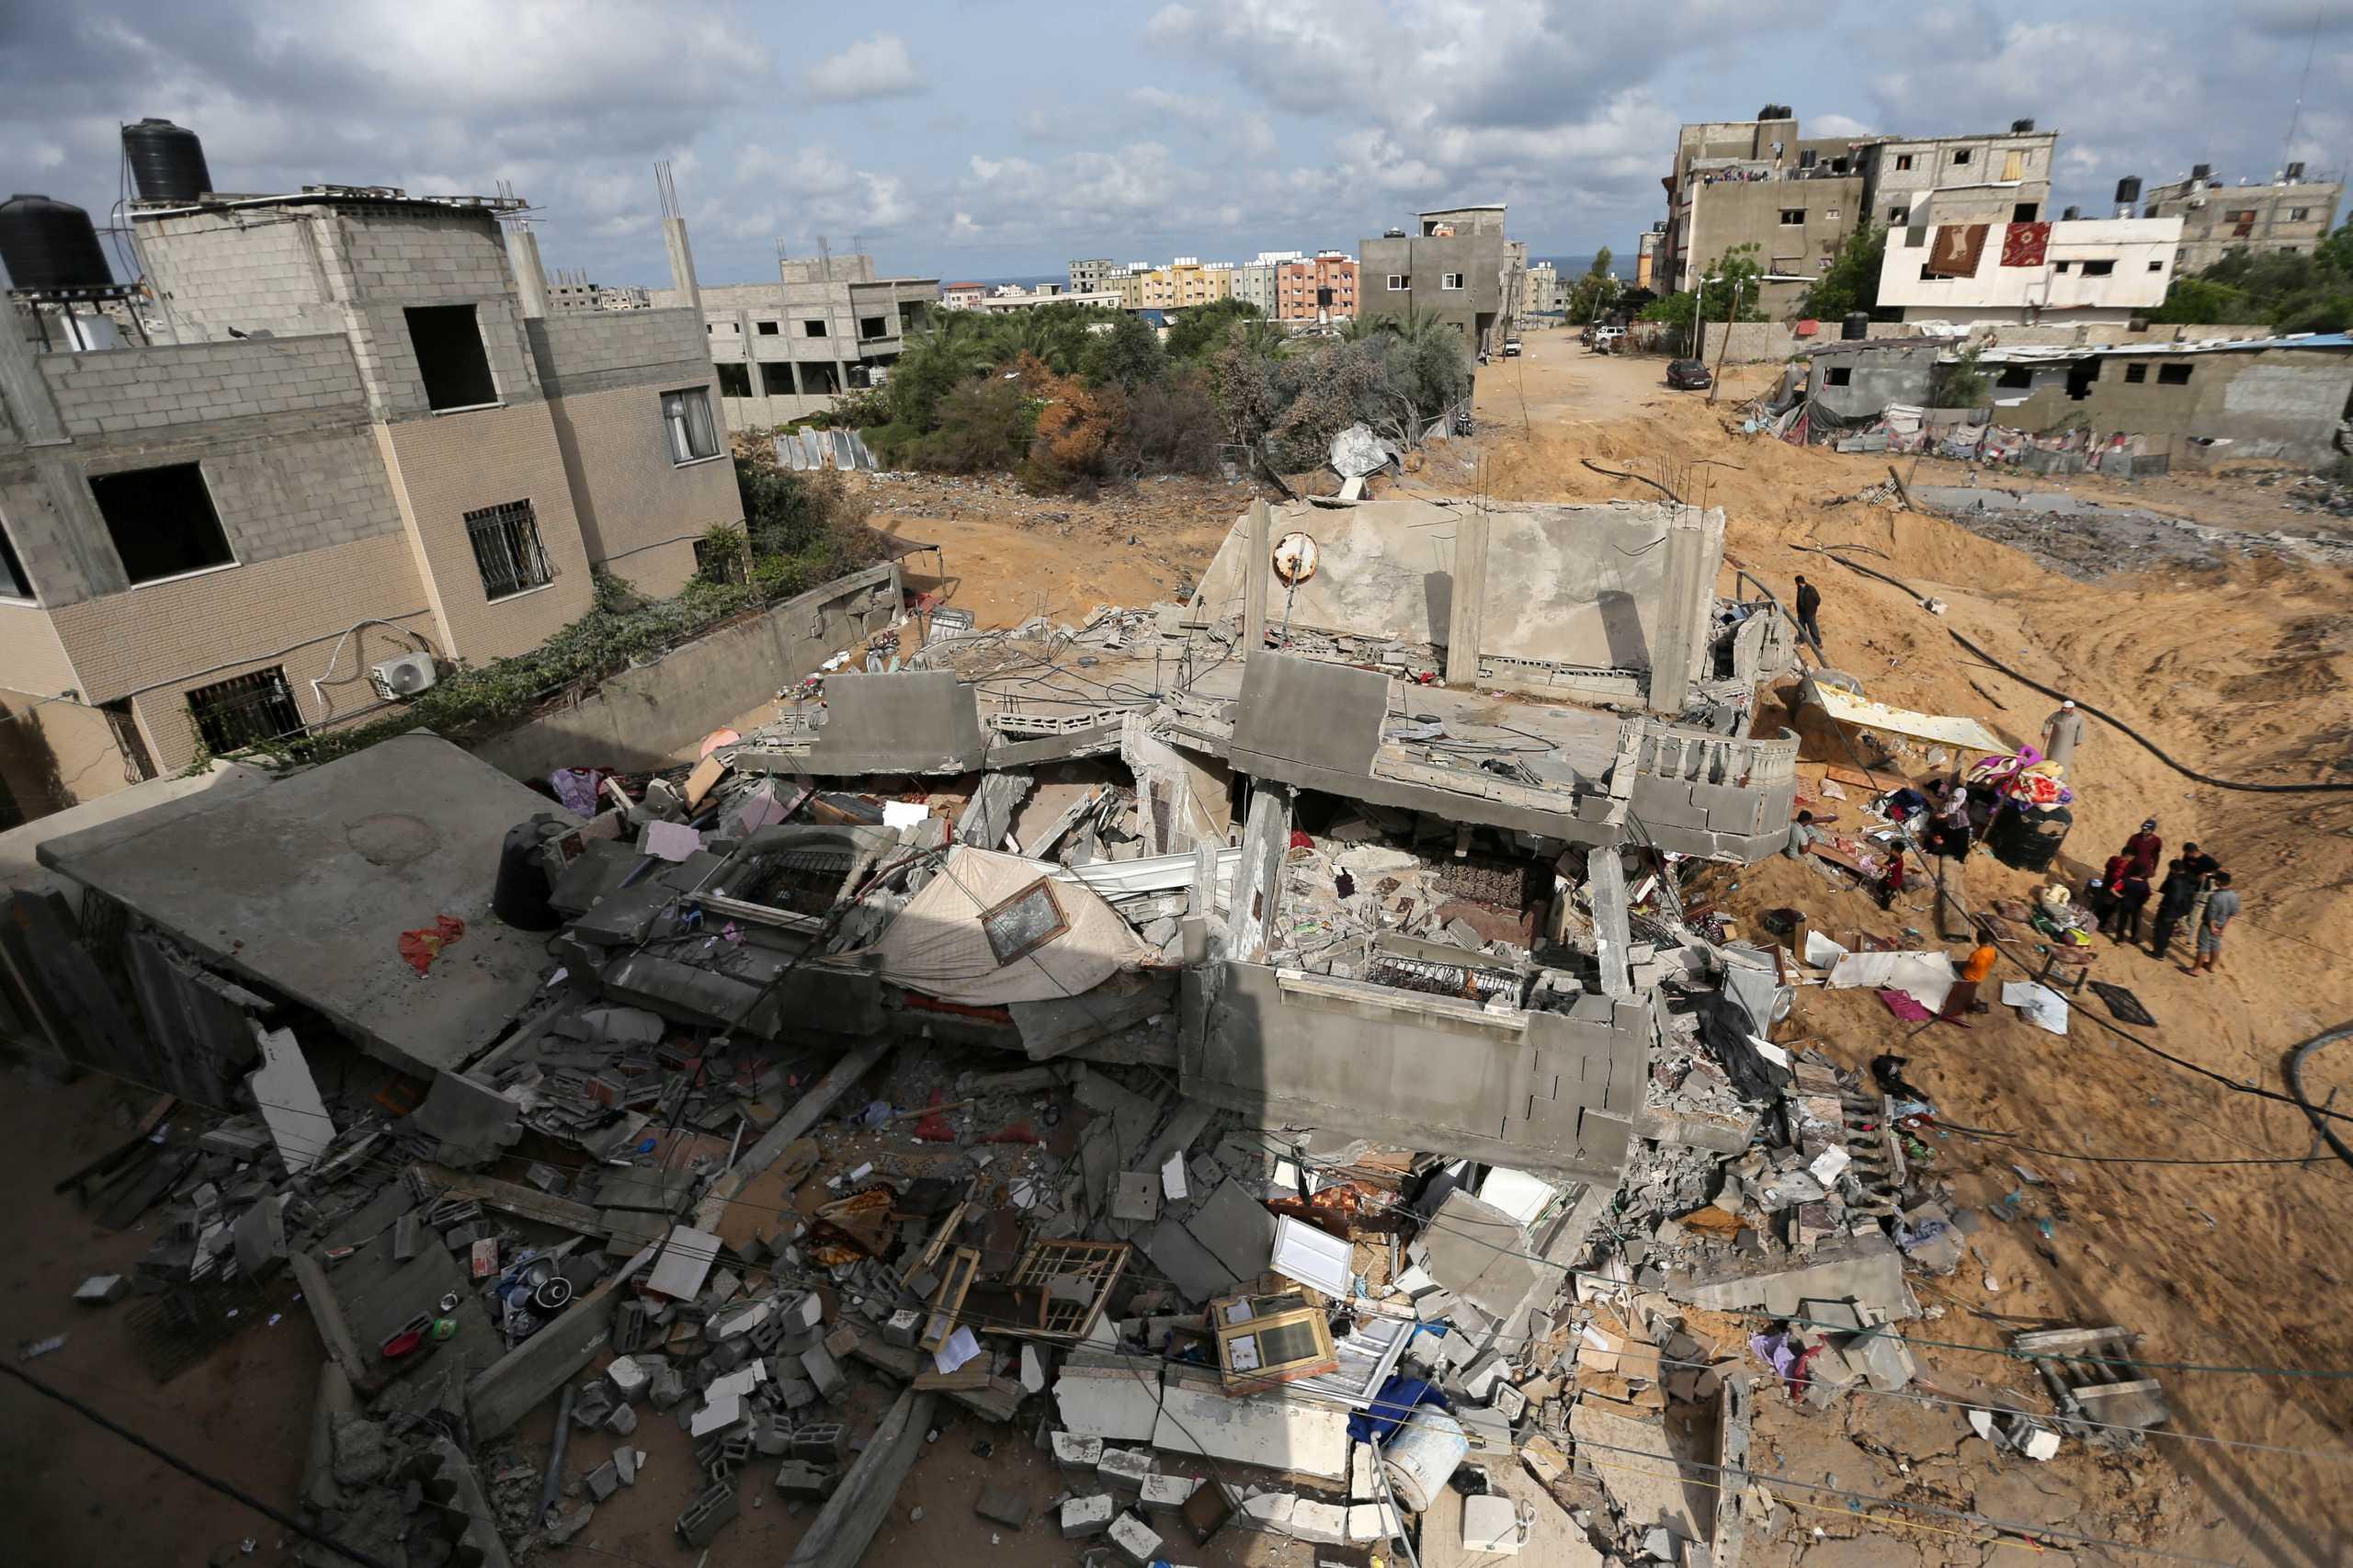 Λωρίδα της Γάζας: Η Χαμάς απέρριψε το σχέδιο των ΗΠΑ